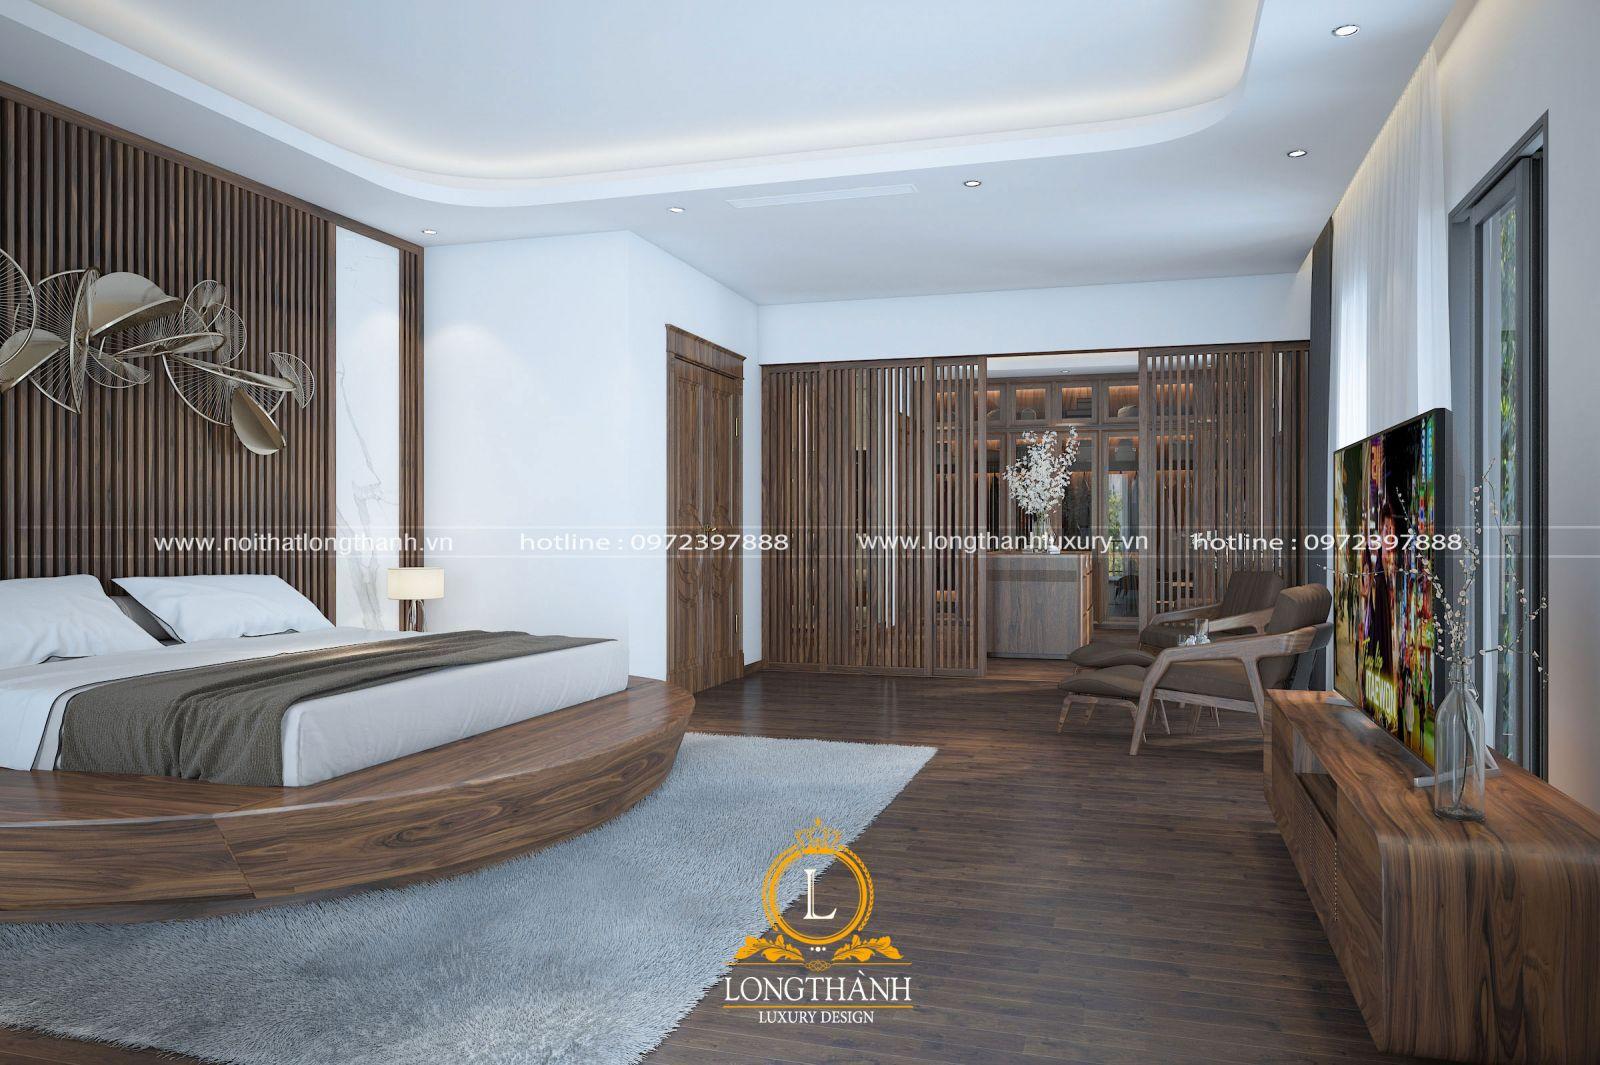 Thiết kế phòng ngủ hiện đại phù hợp không gian, diện tích